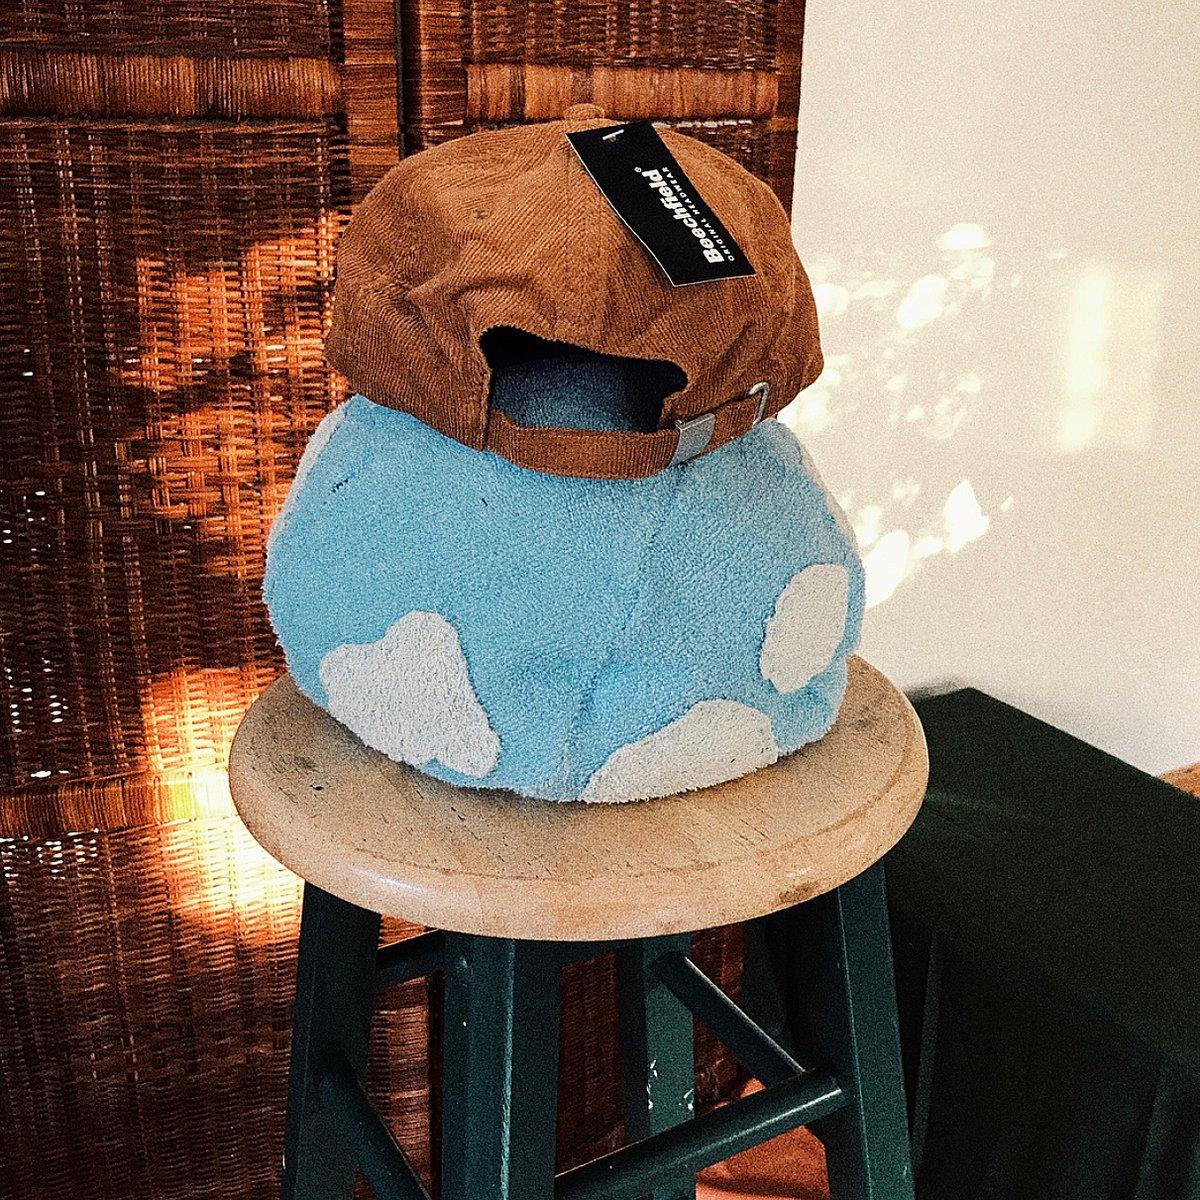 Image of Mr. Natural Hat.